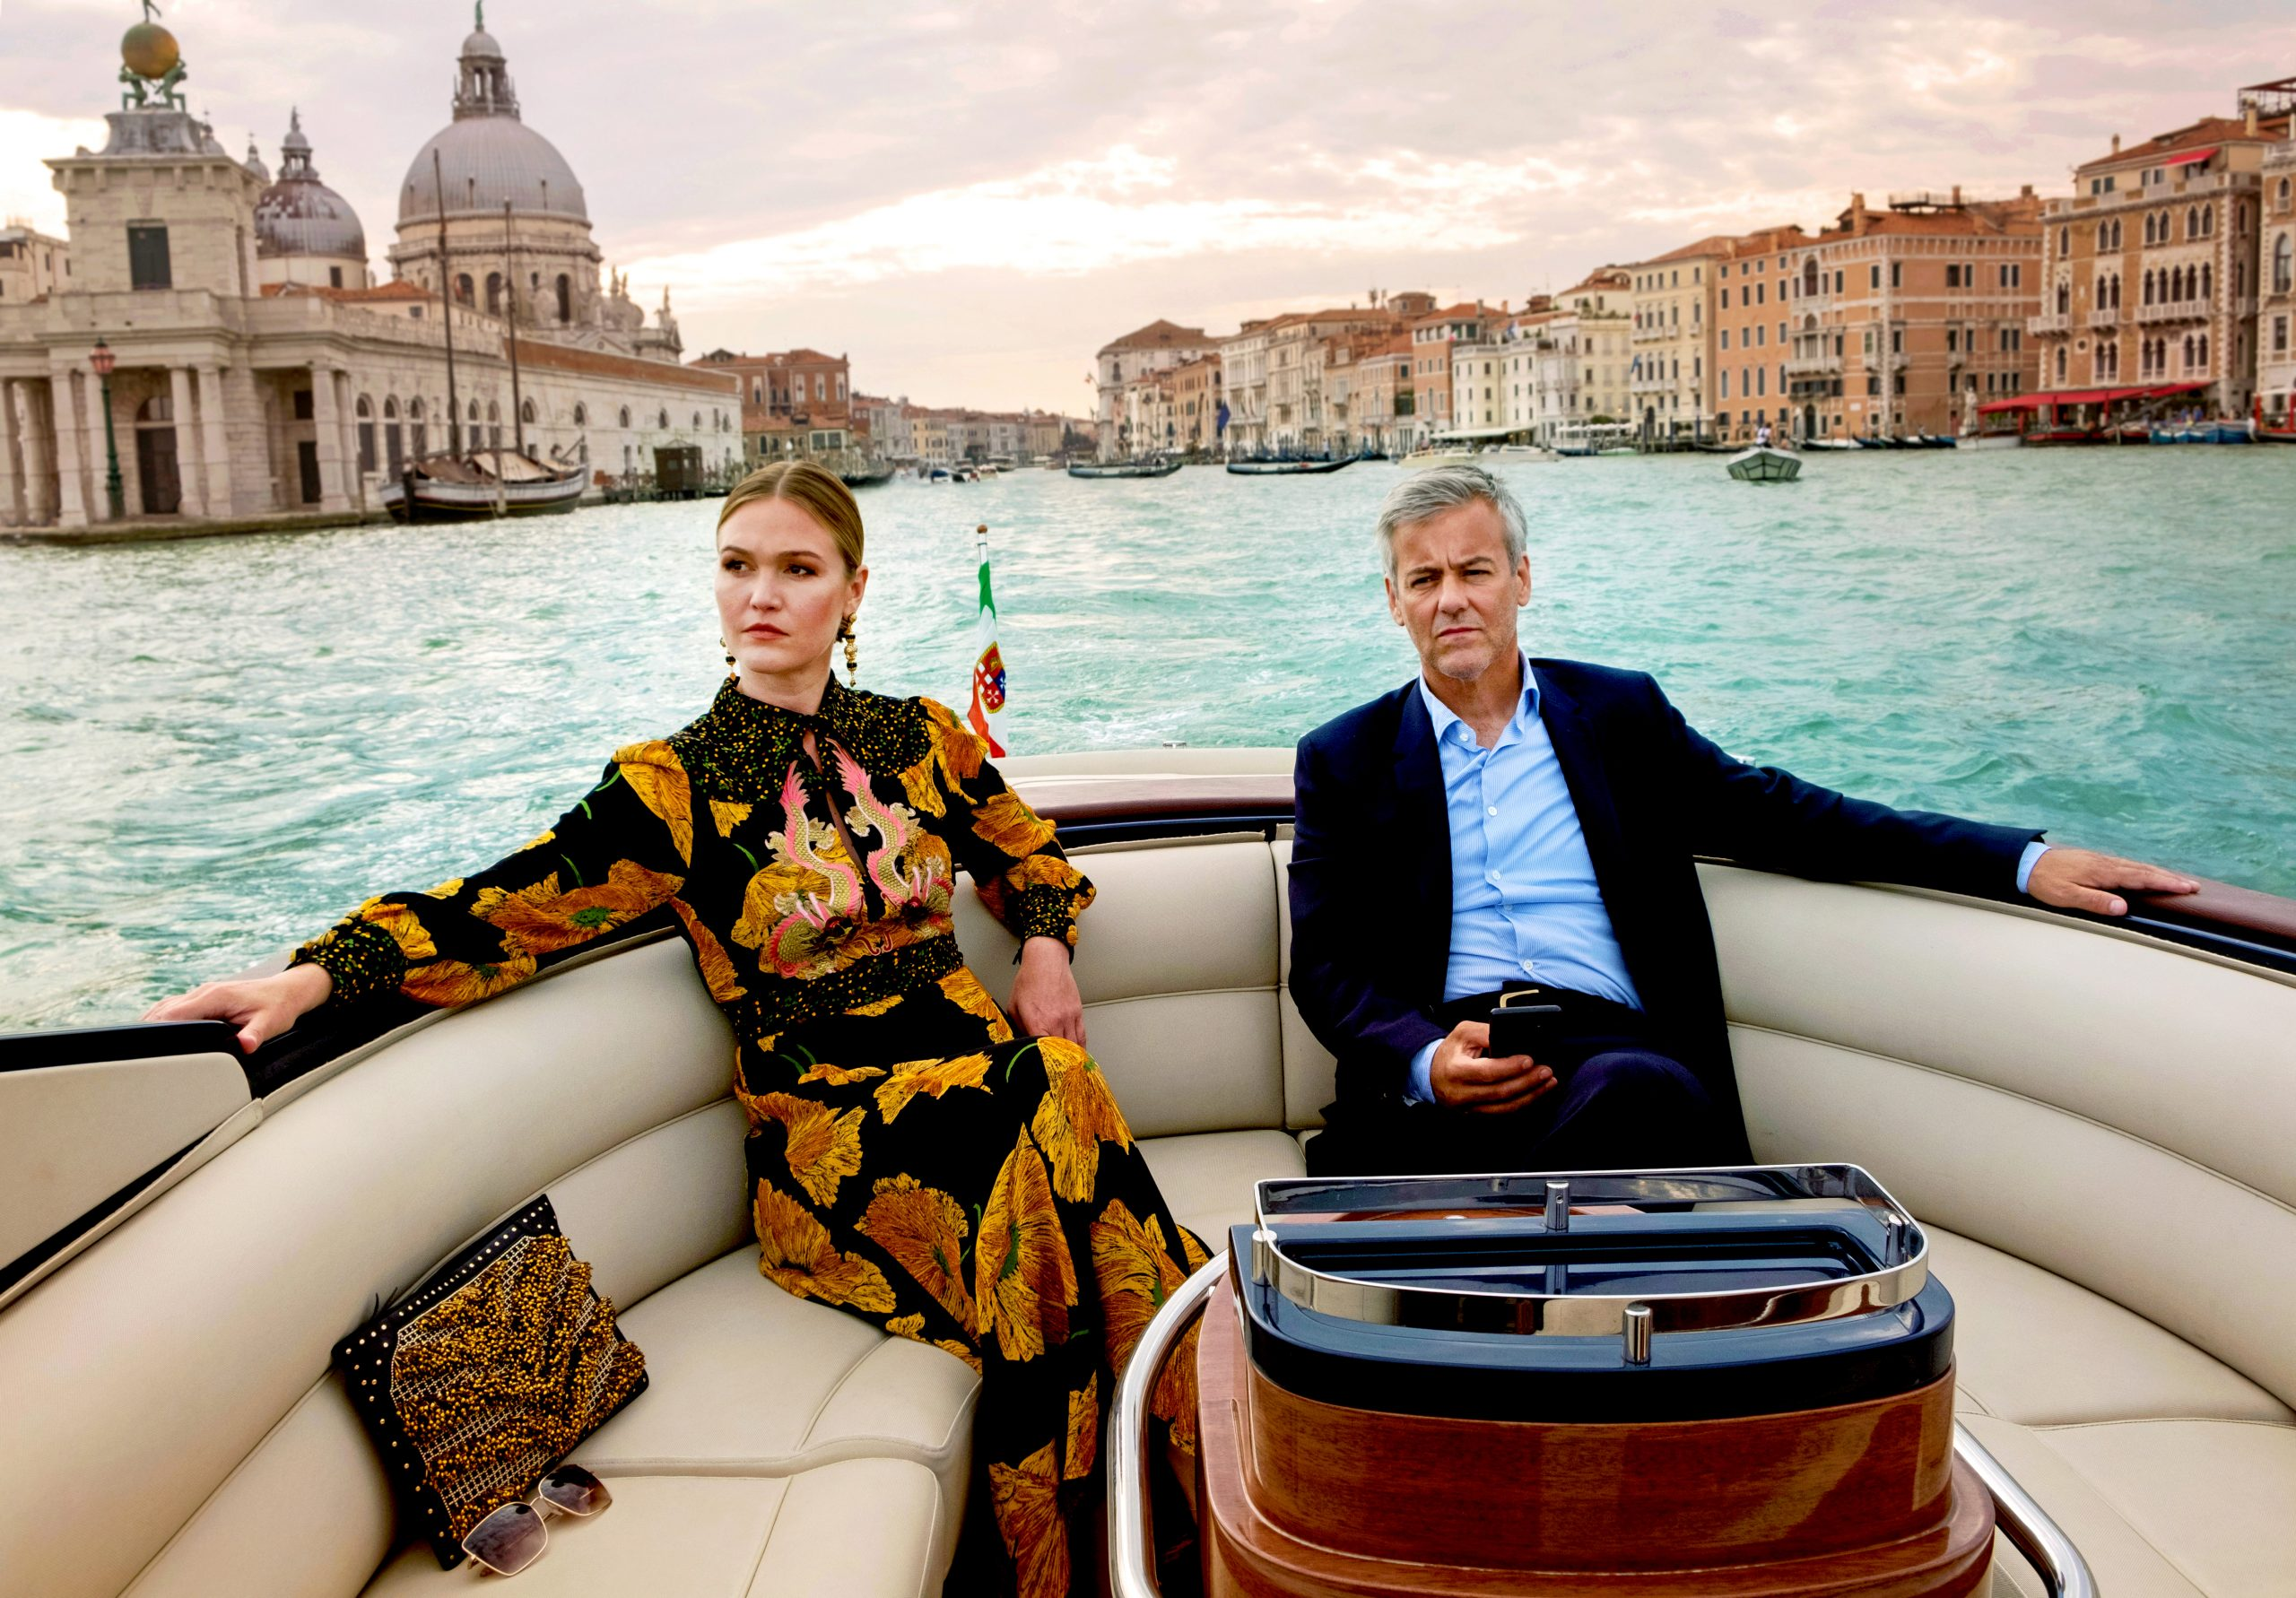 Riviera Julia Stiles y Rupert Graves